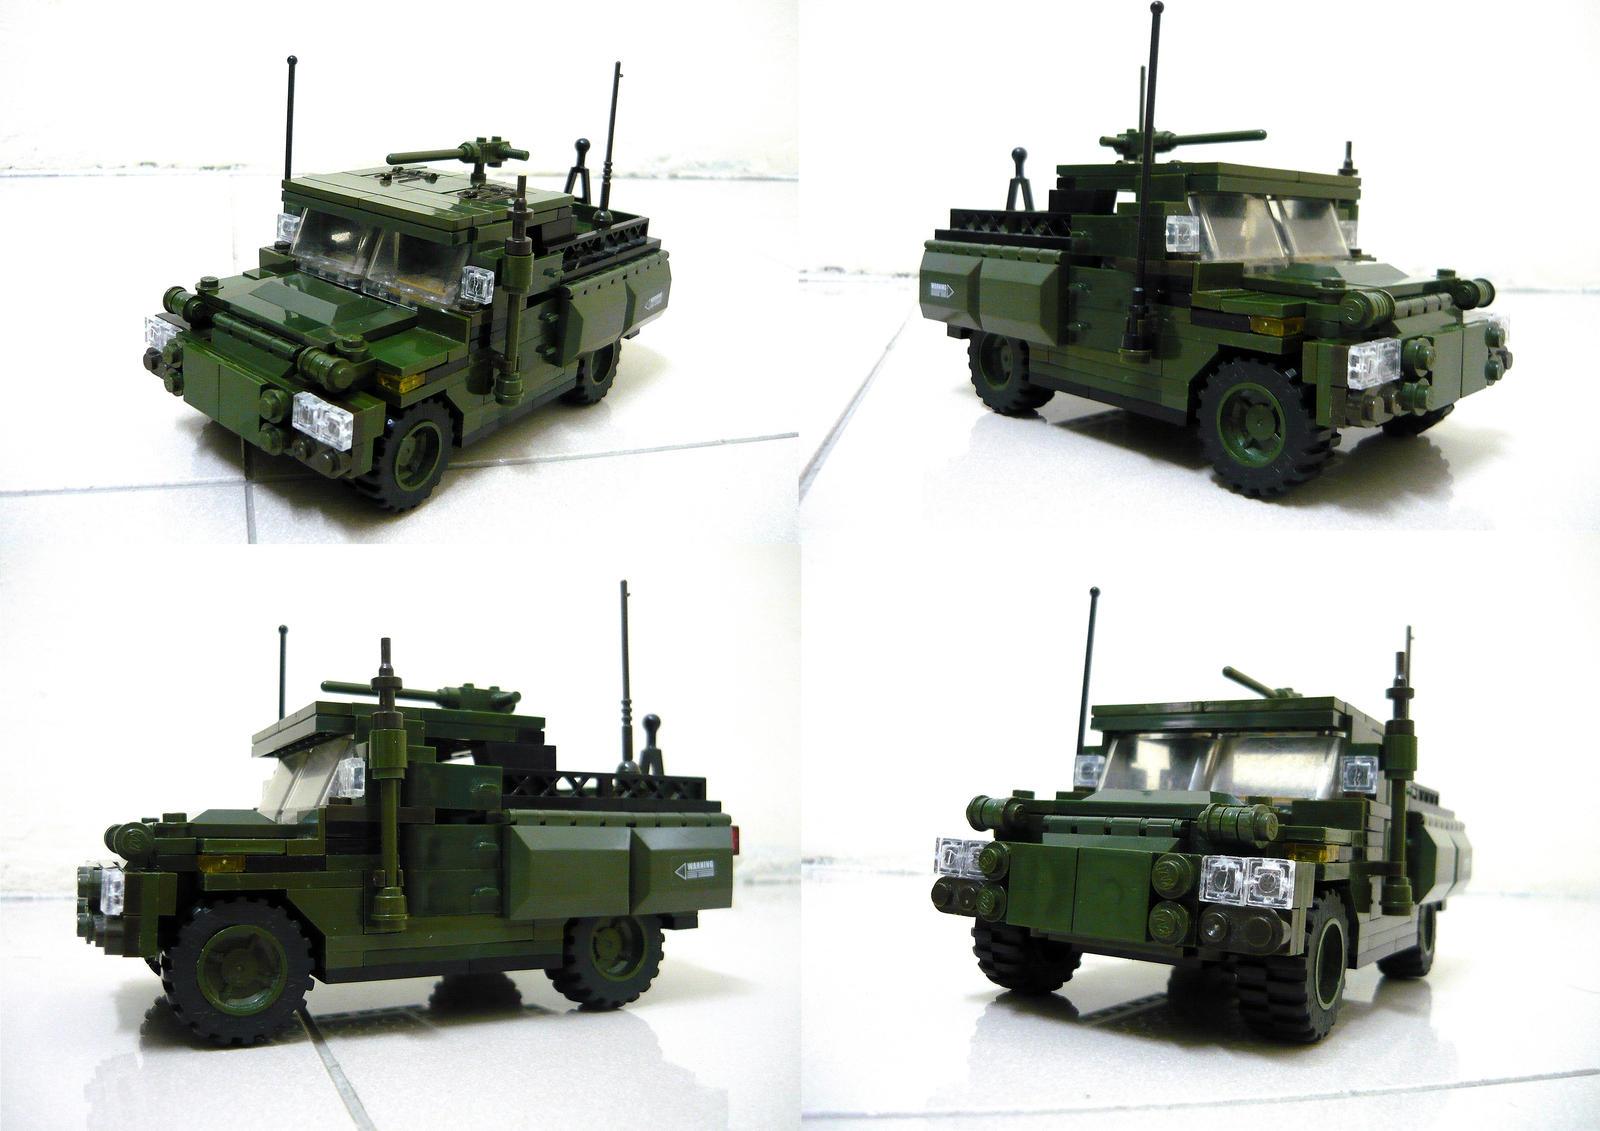 Lego Humvee 1 by SOS101